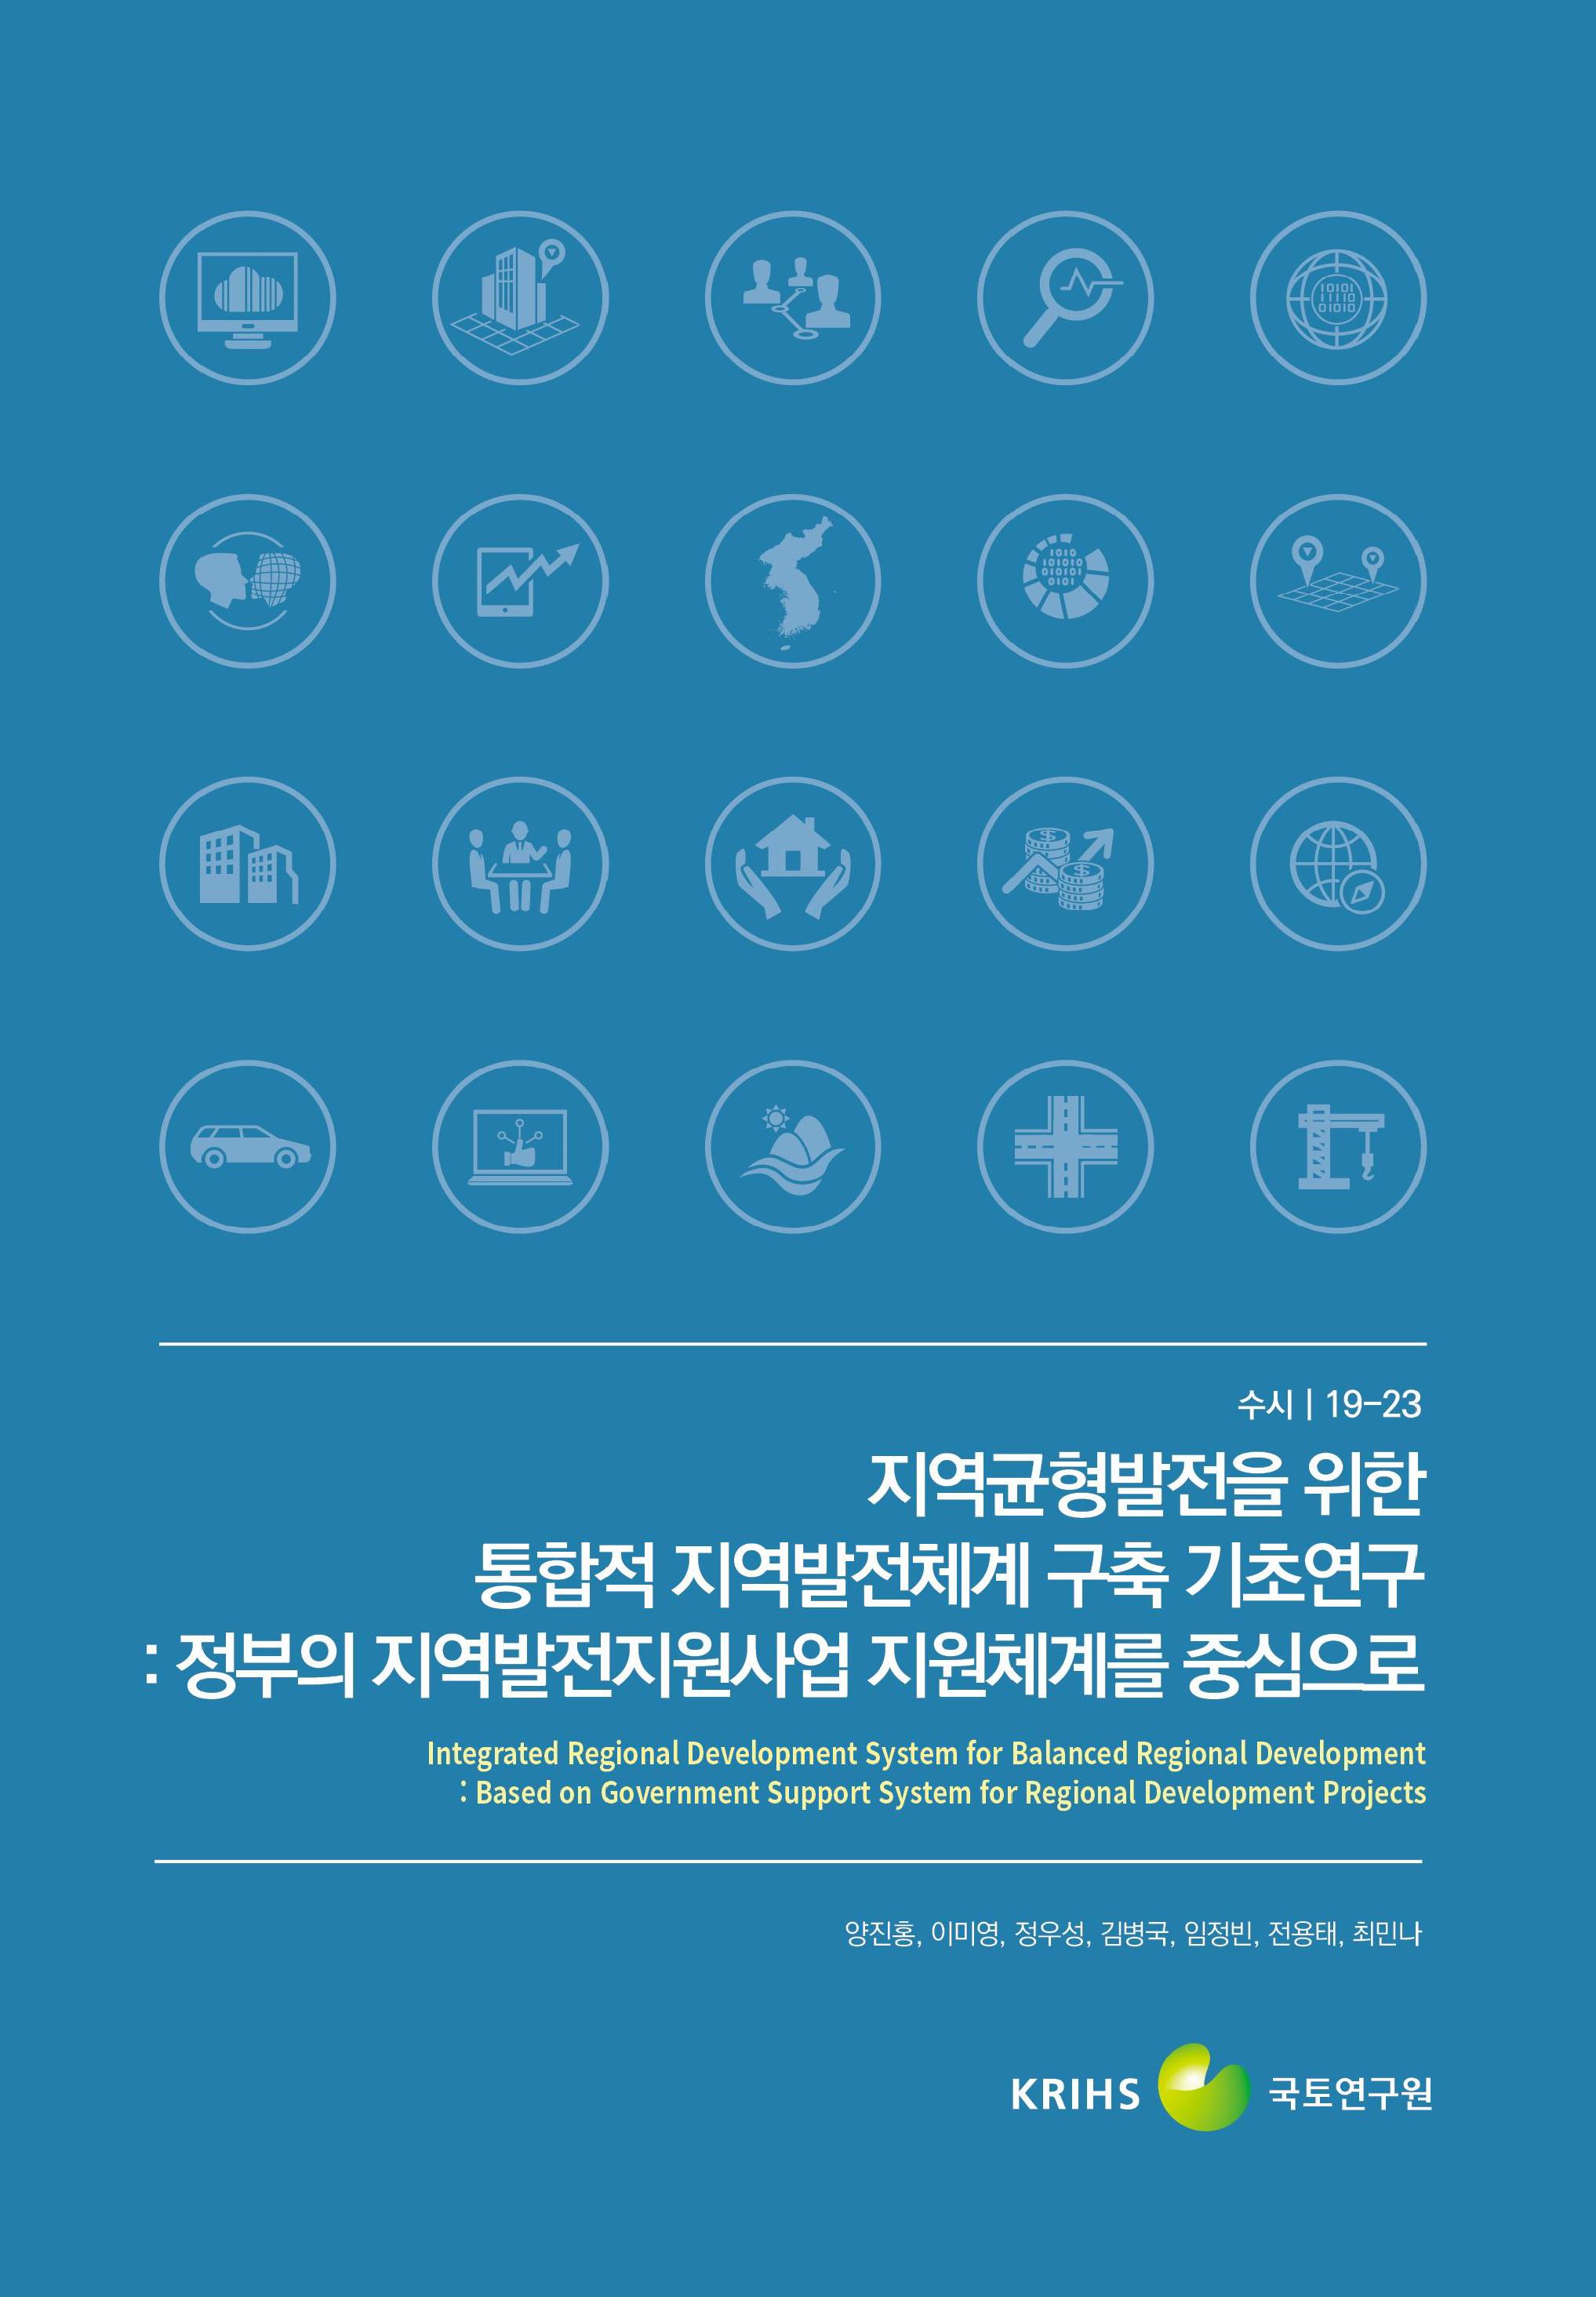 지역균형발전을 위한 통합적 지역발전체계 구축 기초연구: 정부의 지역발전지원사업 지원체계를 중심으로표지